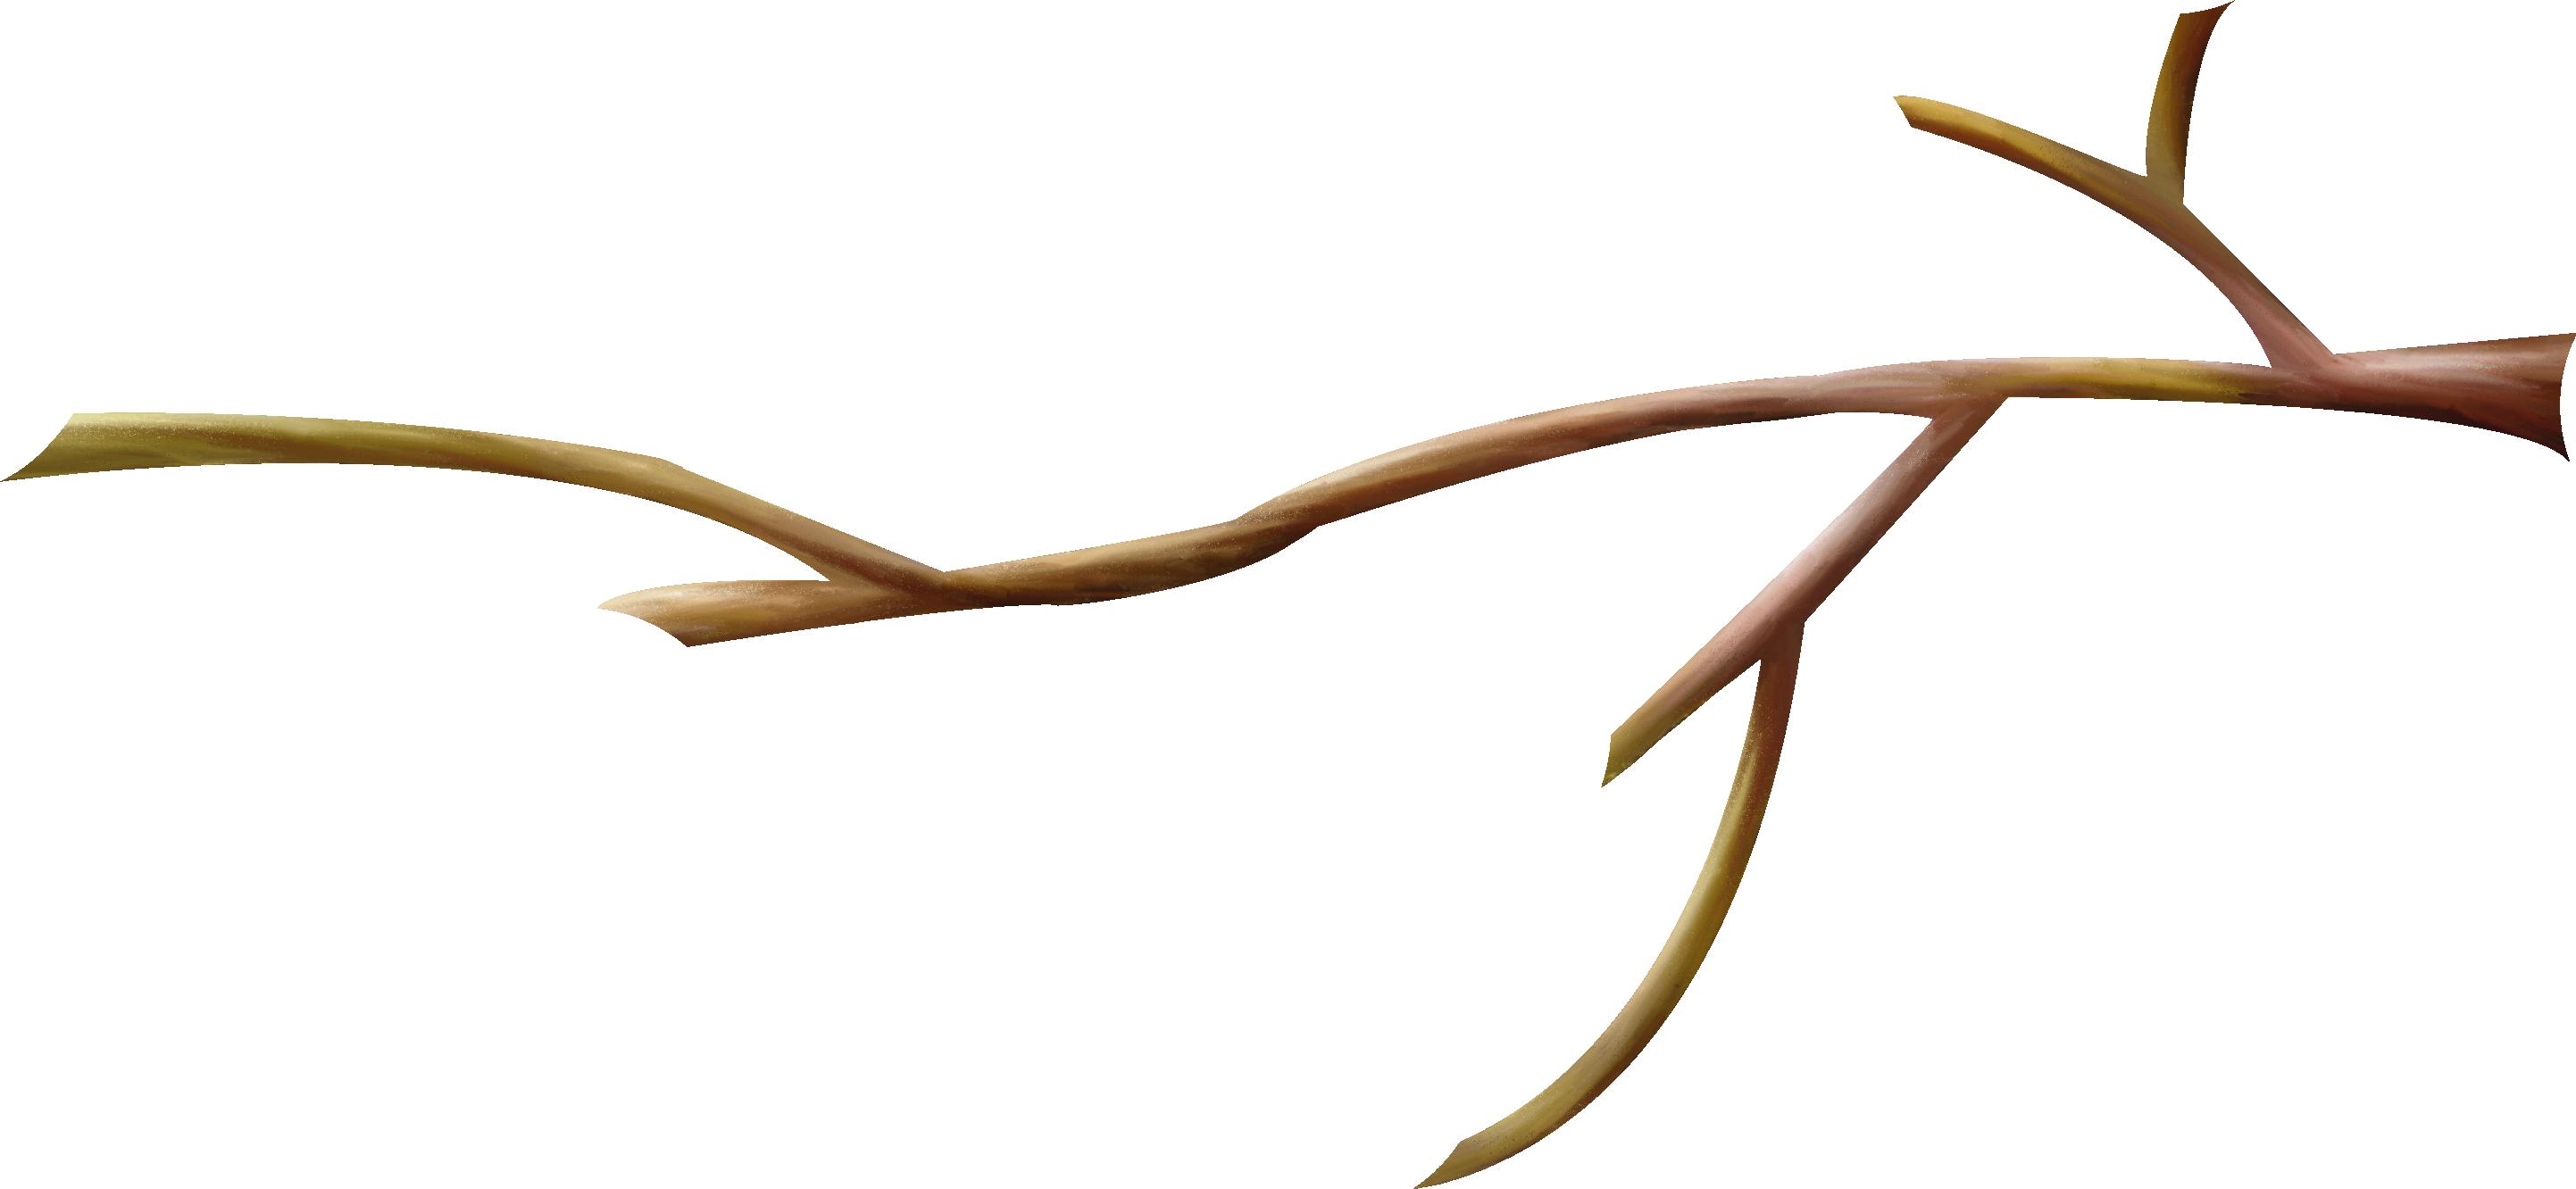 картинка веточка дерева без листьев пост предназначается